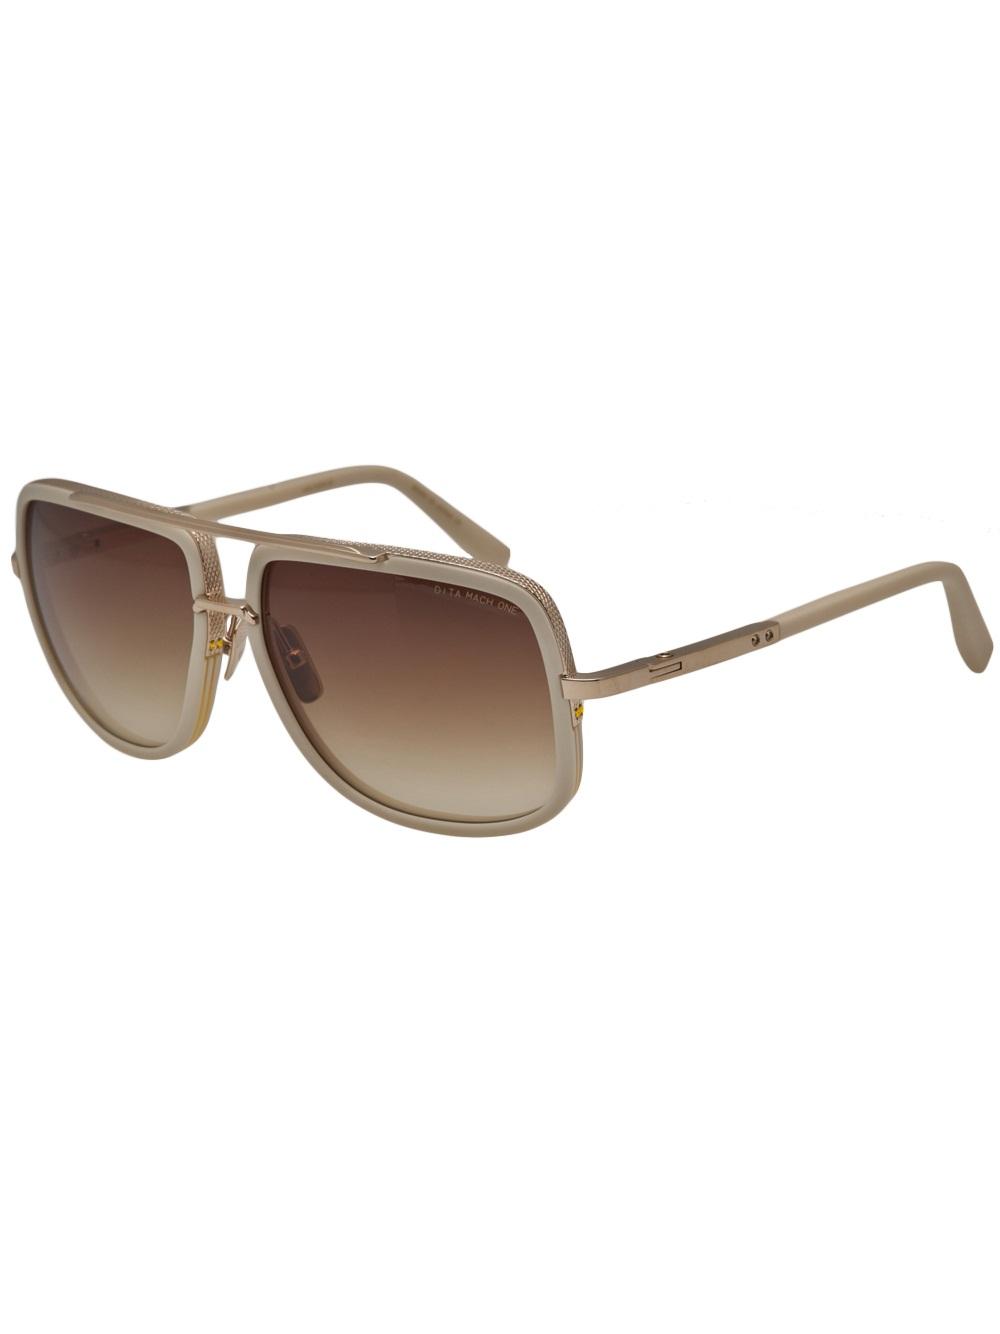 Mach 1 Sunglasses  dita mach one sunglasses in white for men lyst